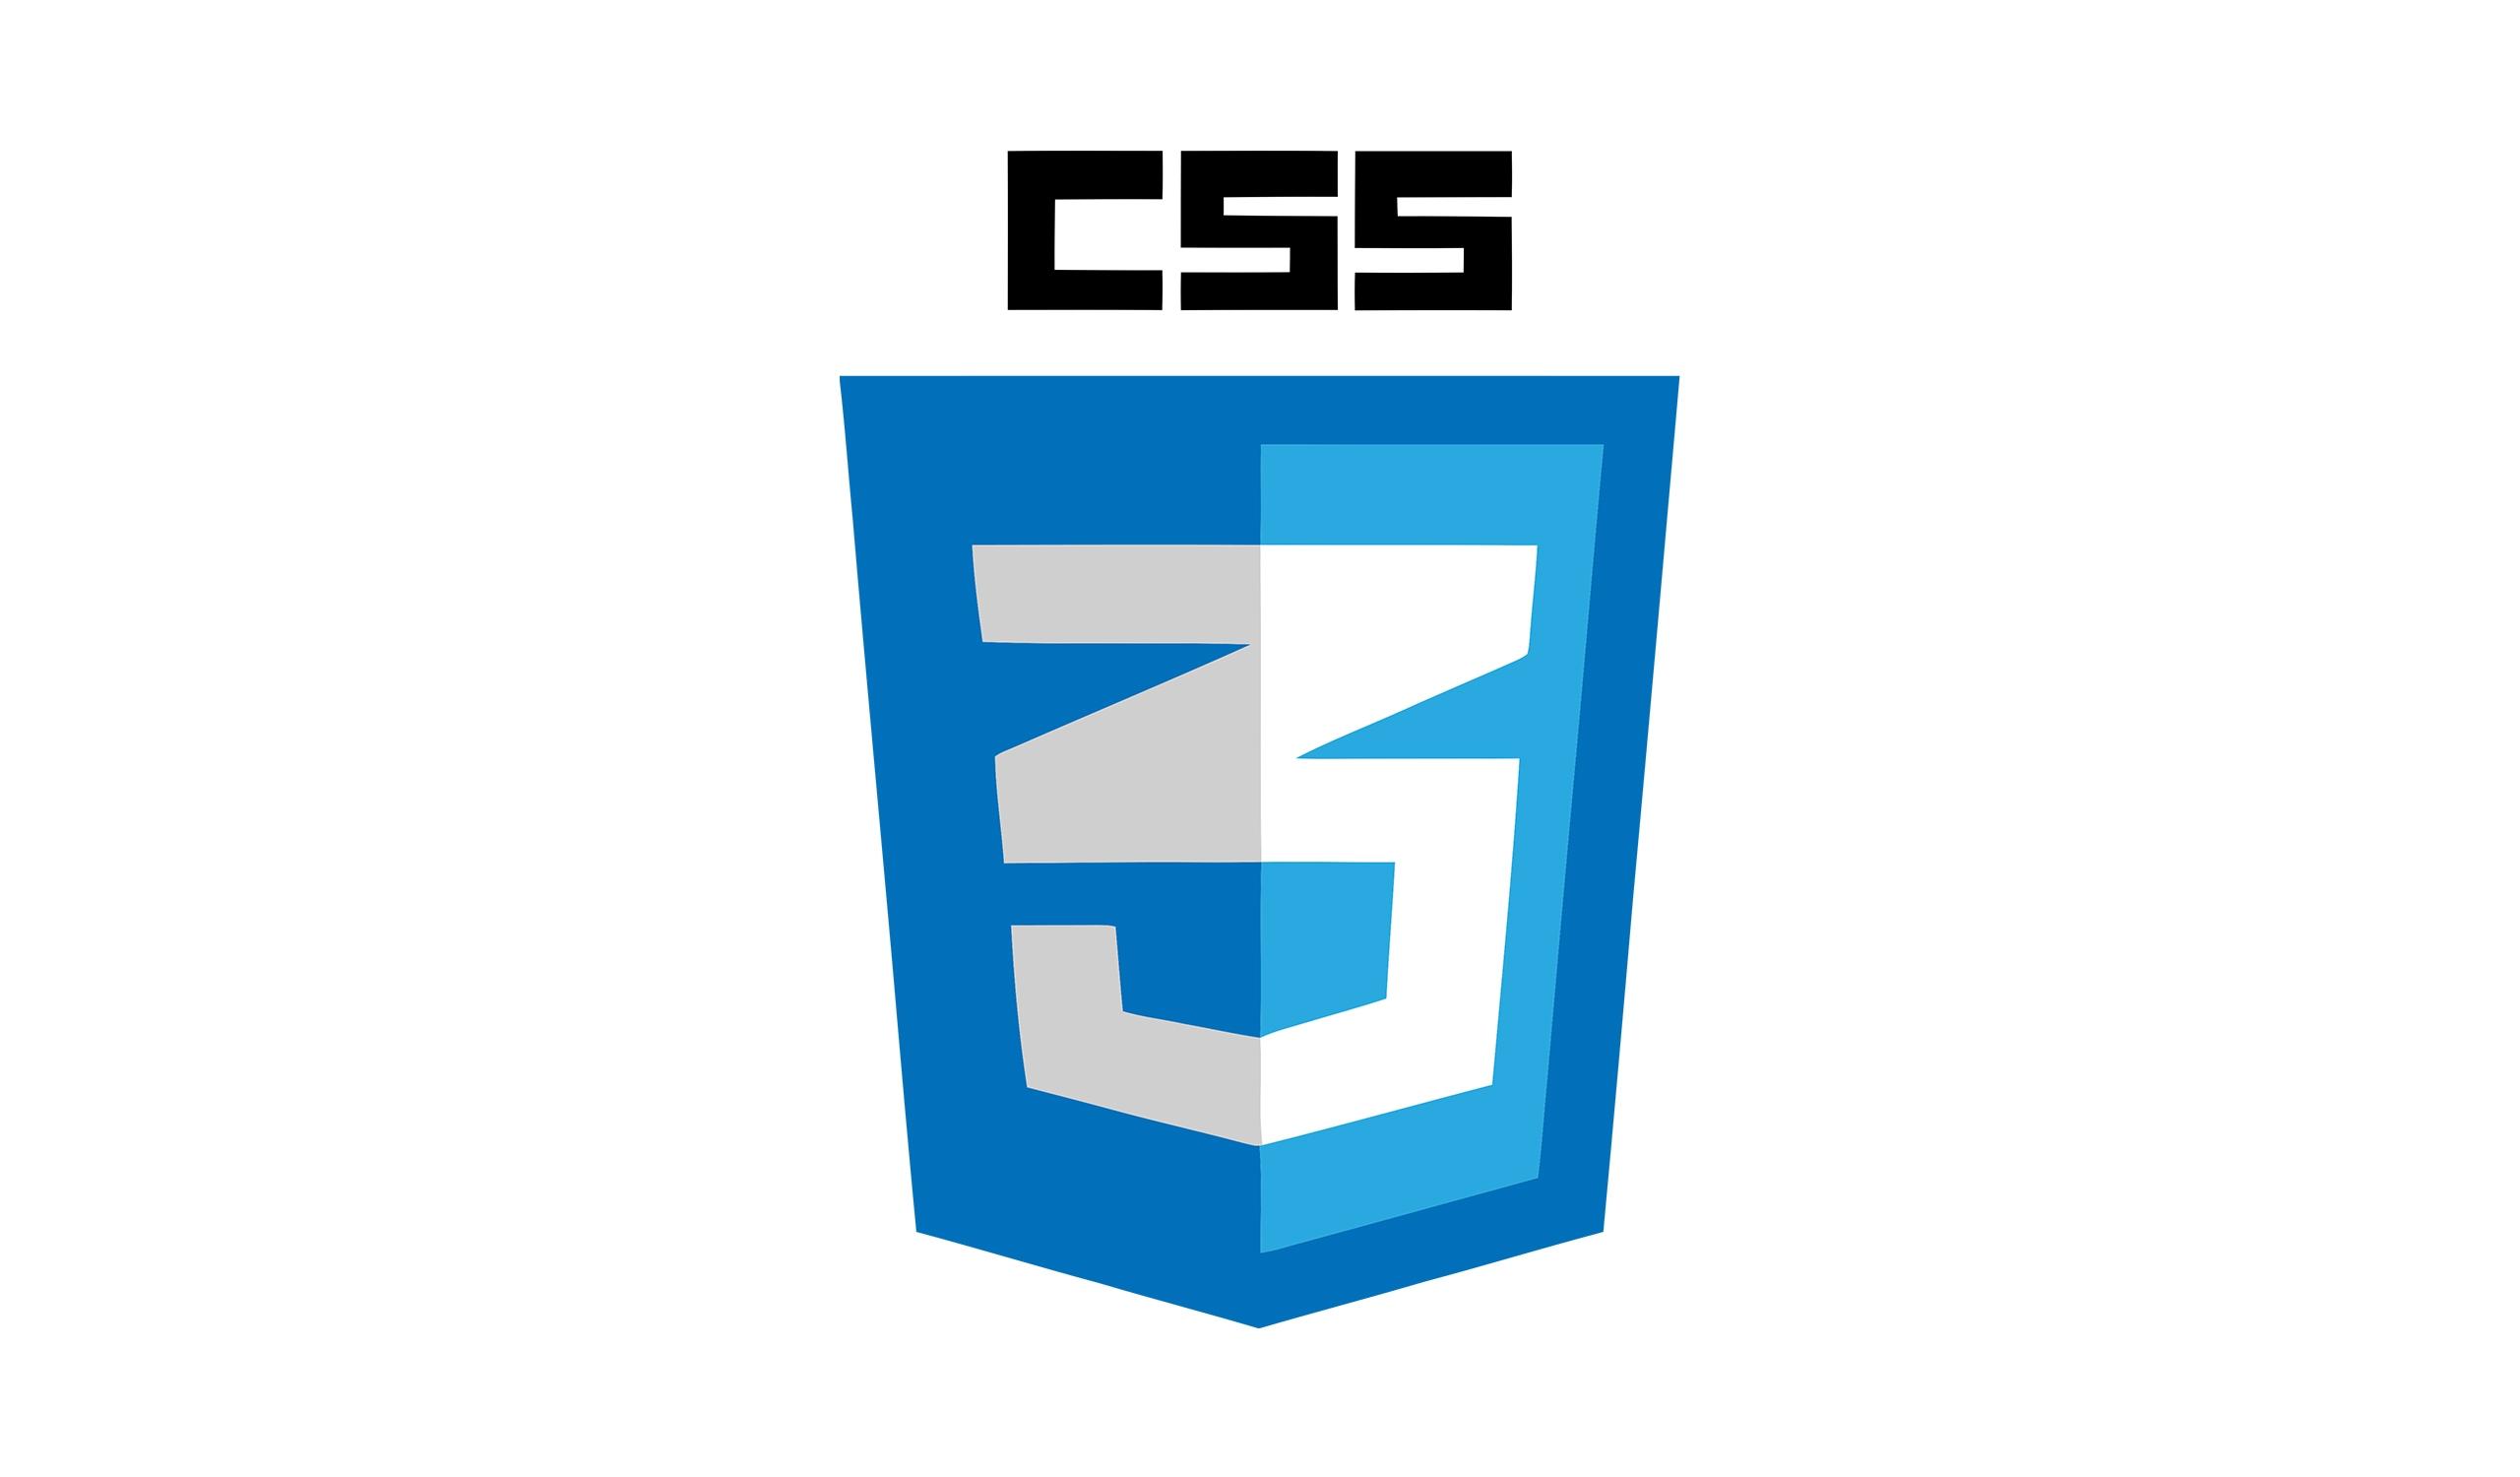 cuckhoo-web-design-digital-marketing-industry-skills-css